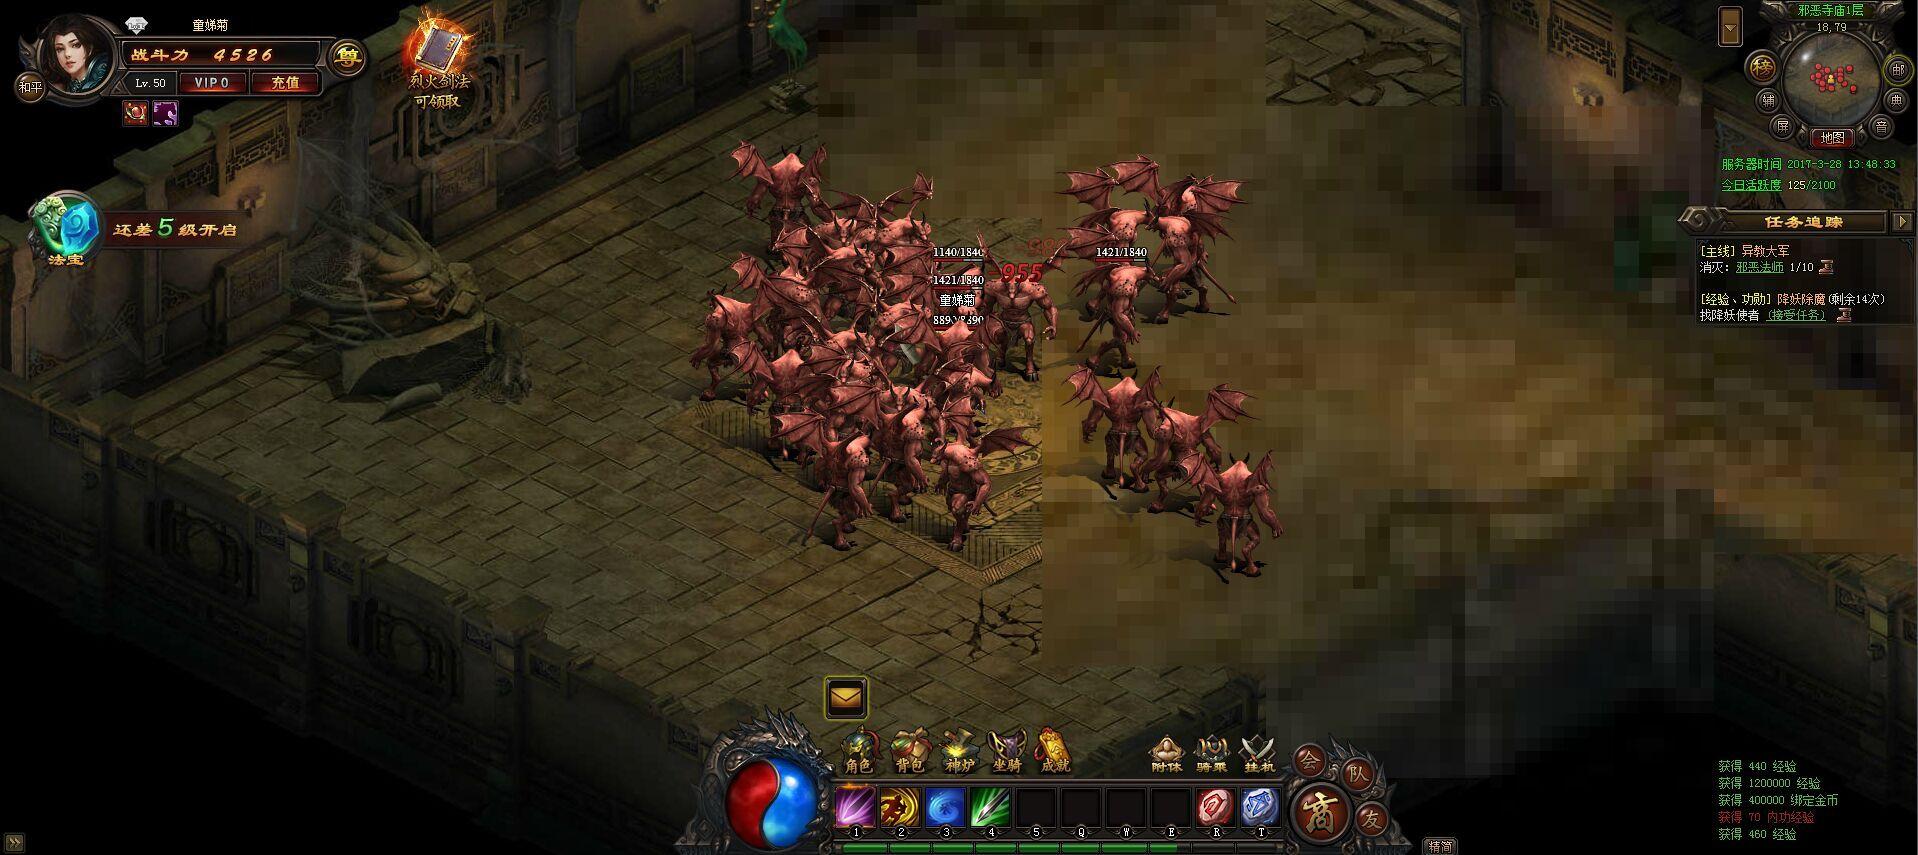 血染沙城游戏截图5